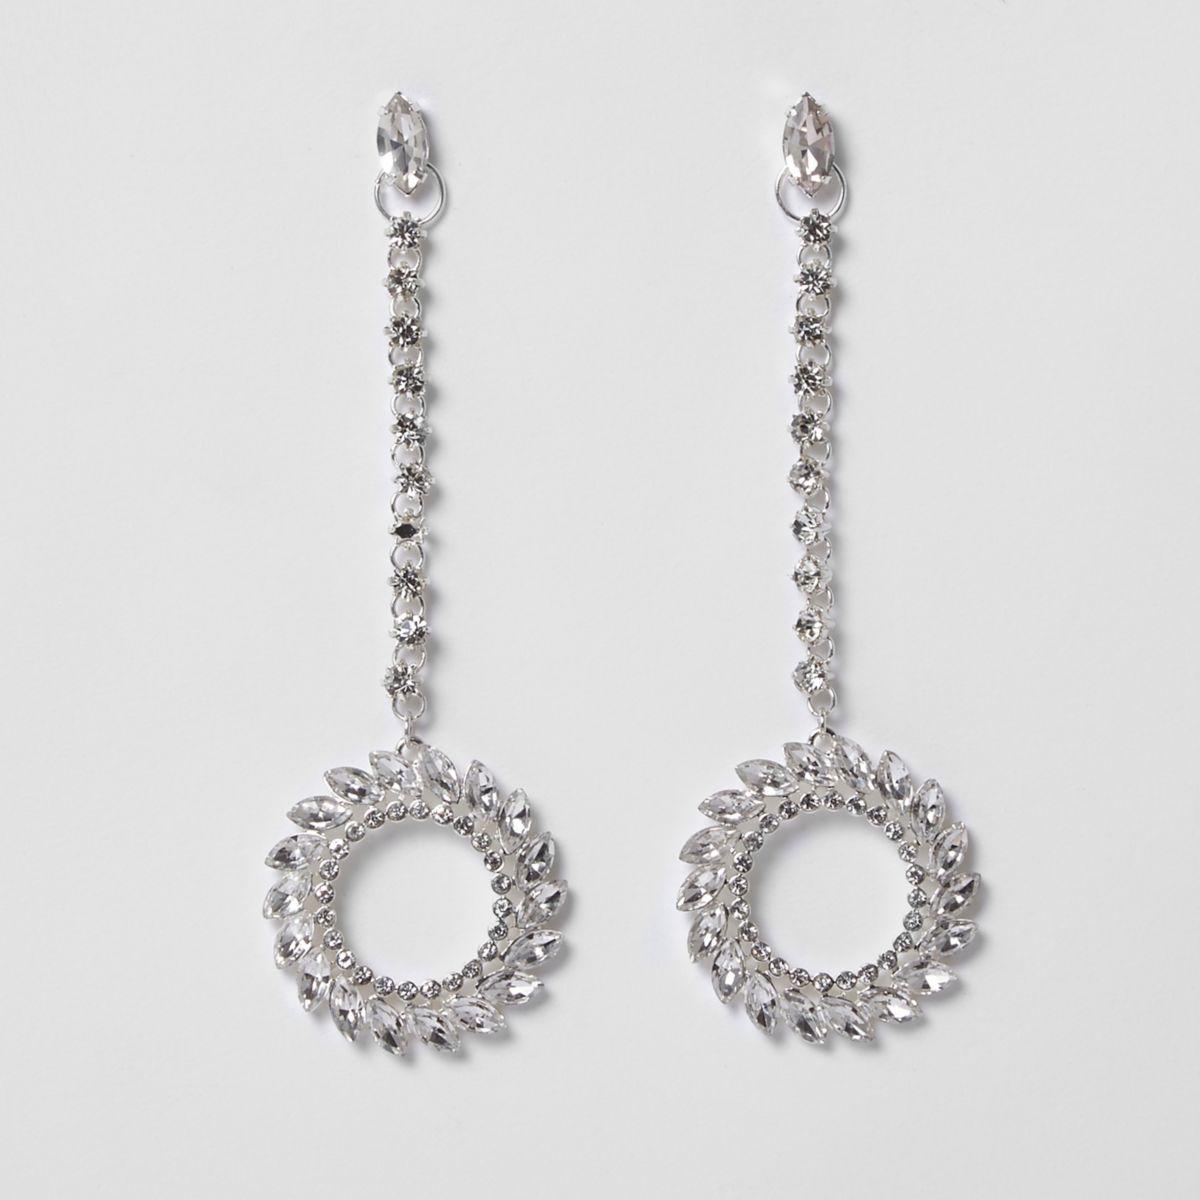 Silver tone diamante hoop drop earrings